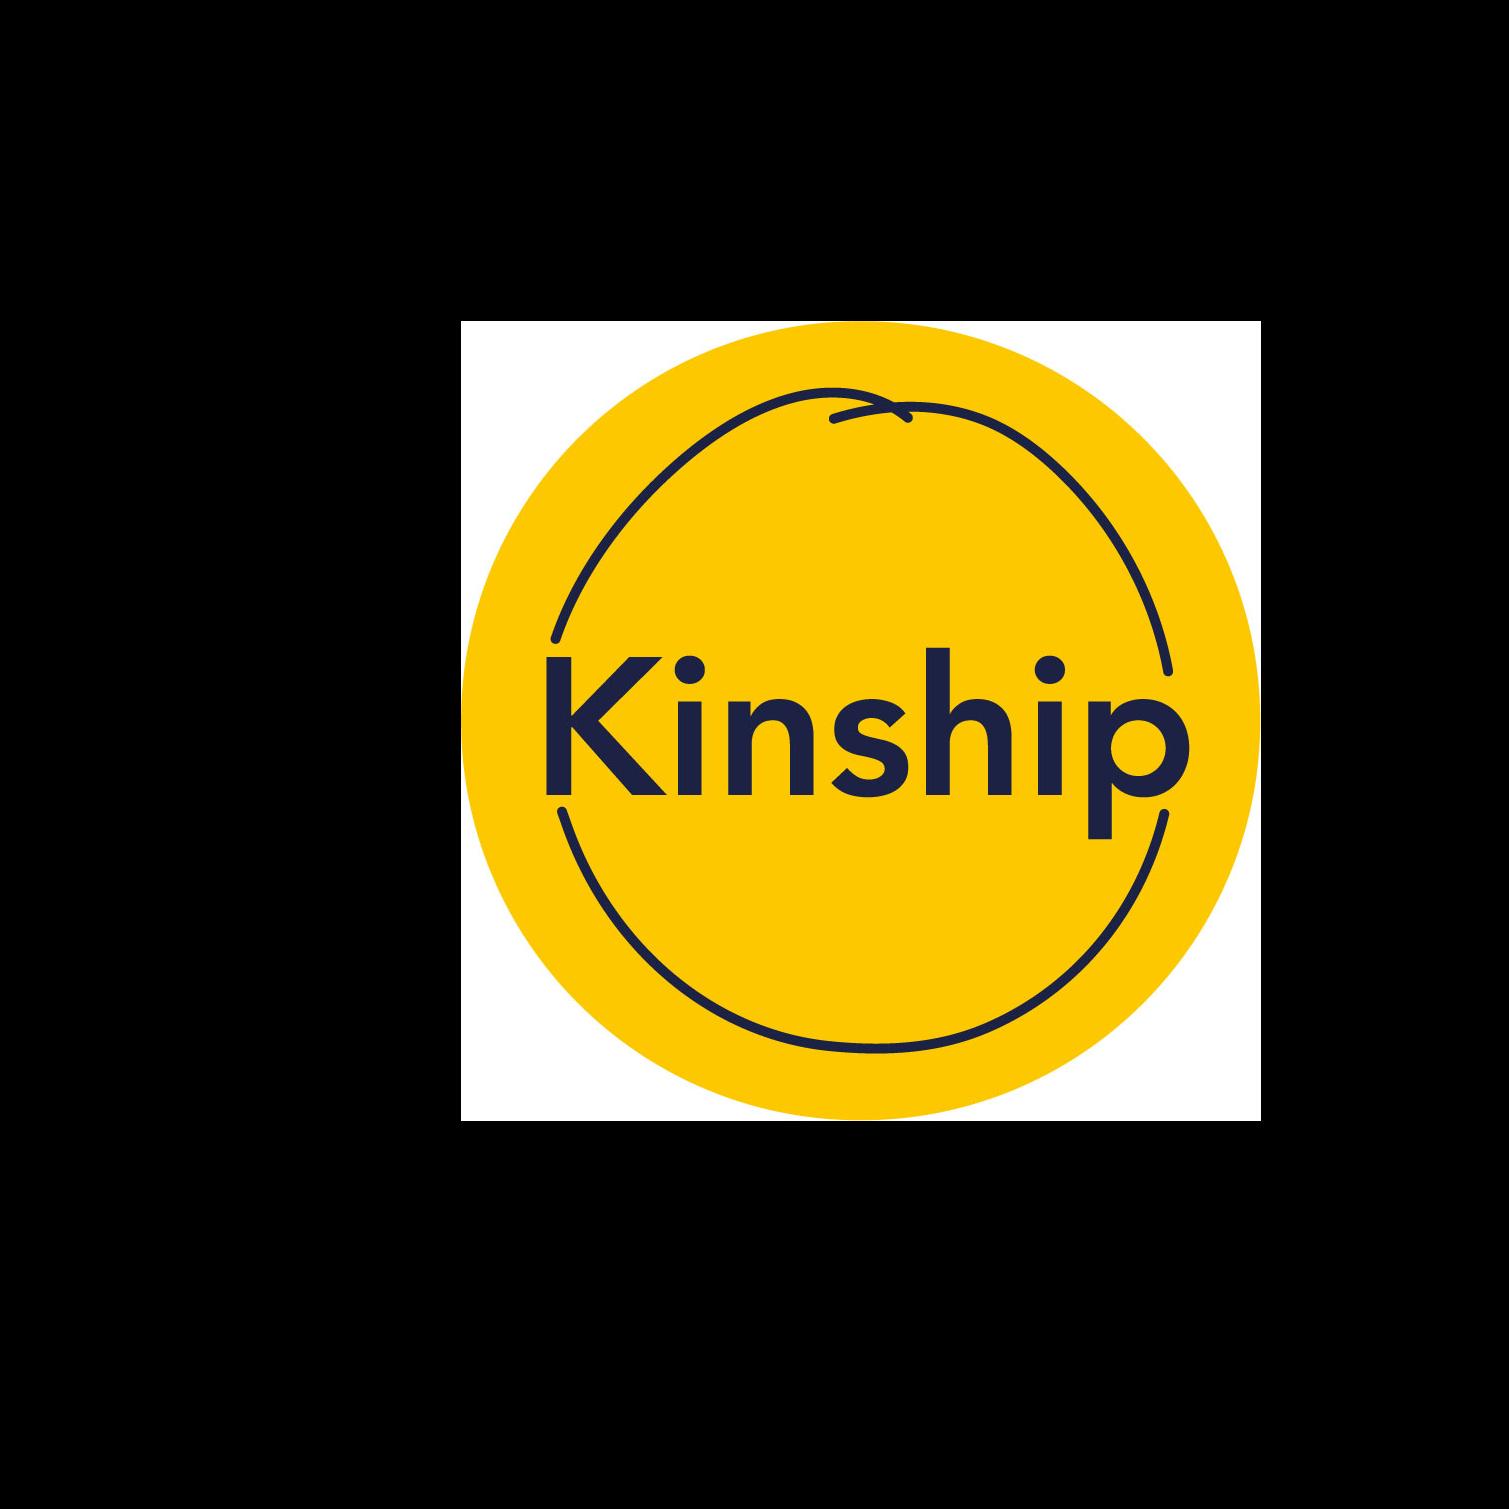 Kinship - Walsall